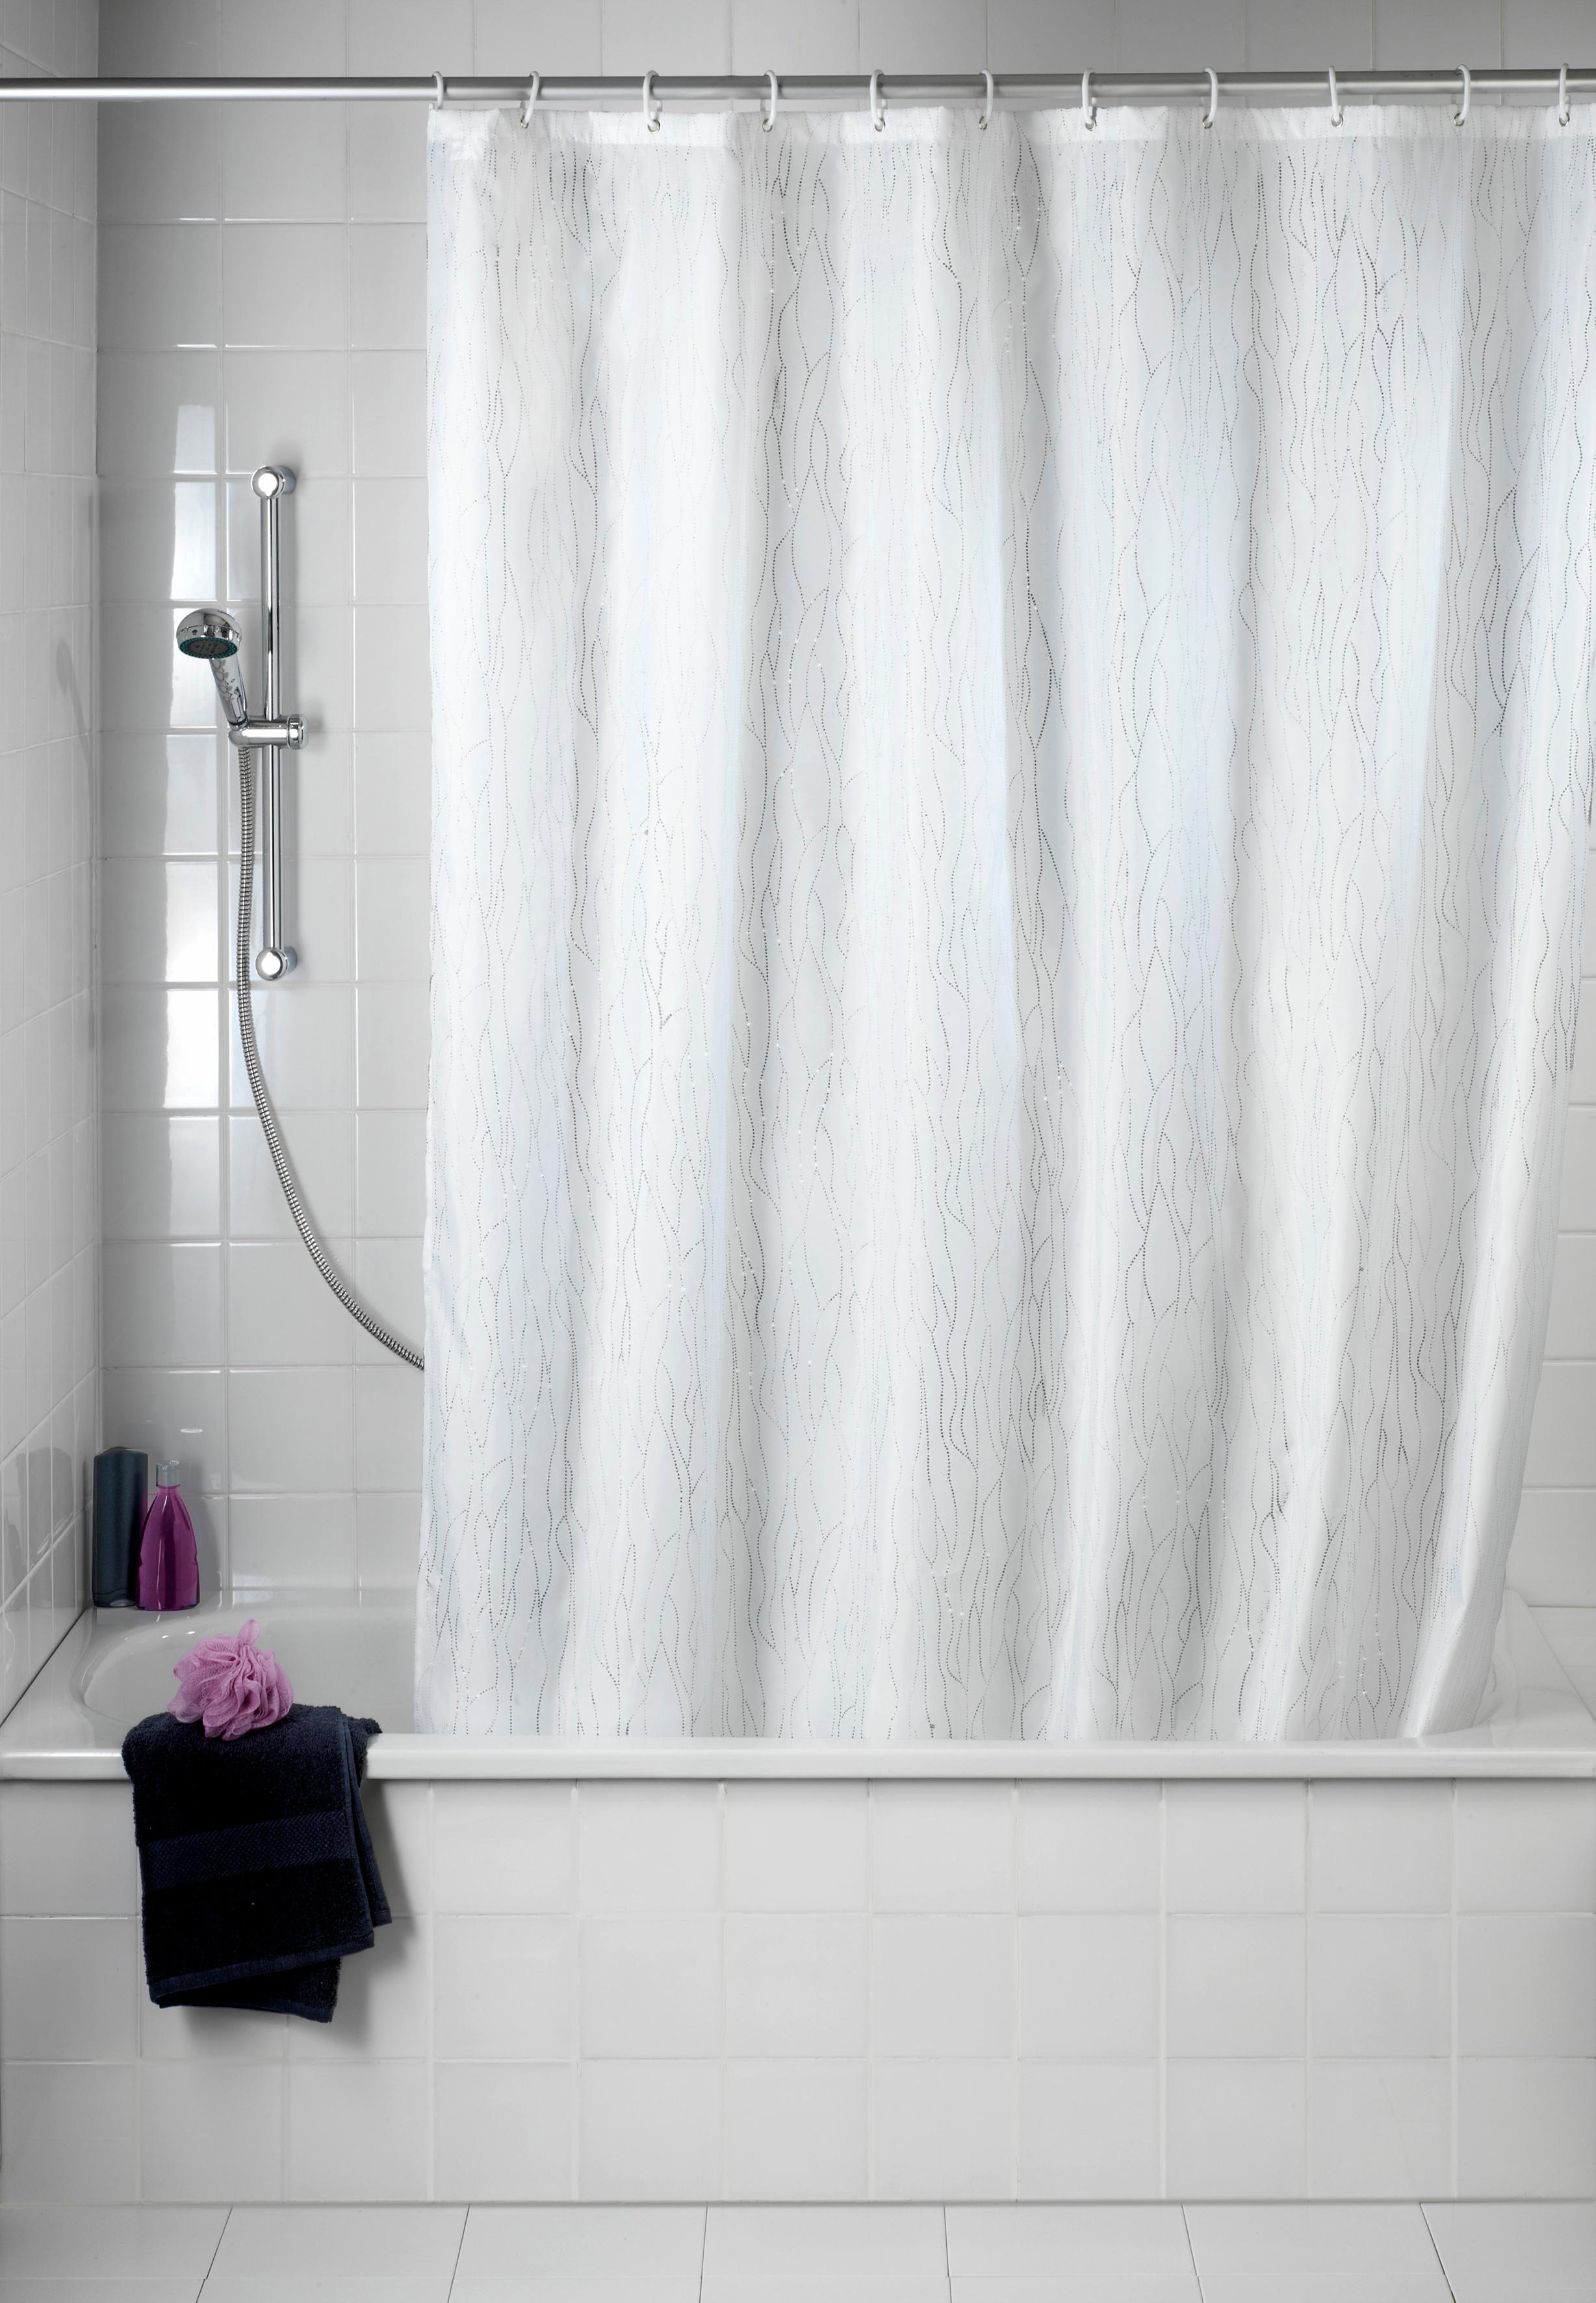 WENKO Duschvorhang Deluxe, mit glänzenden Applikationen, 180/200 cm, waschbar